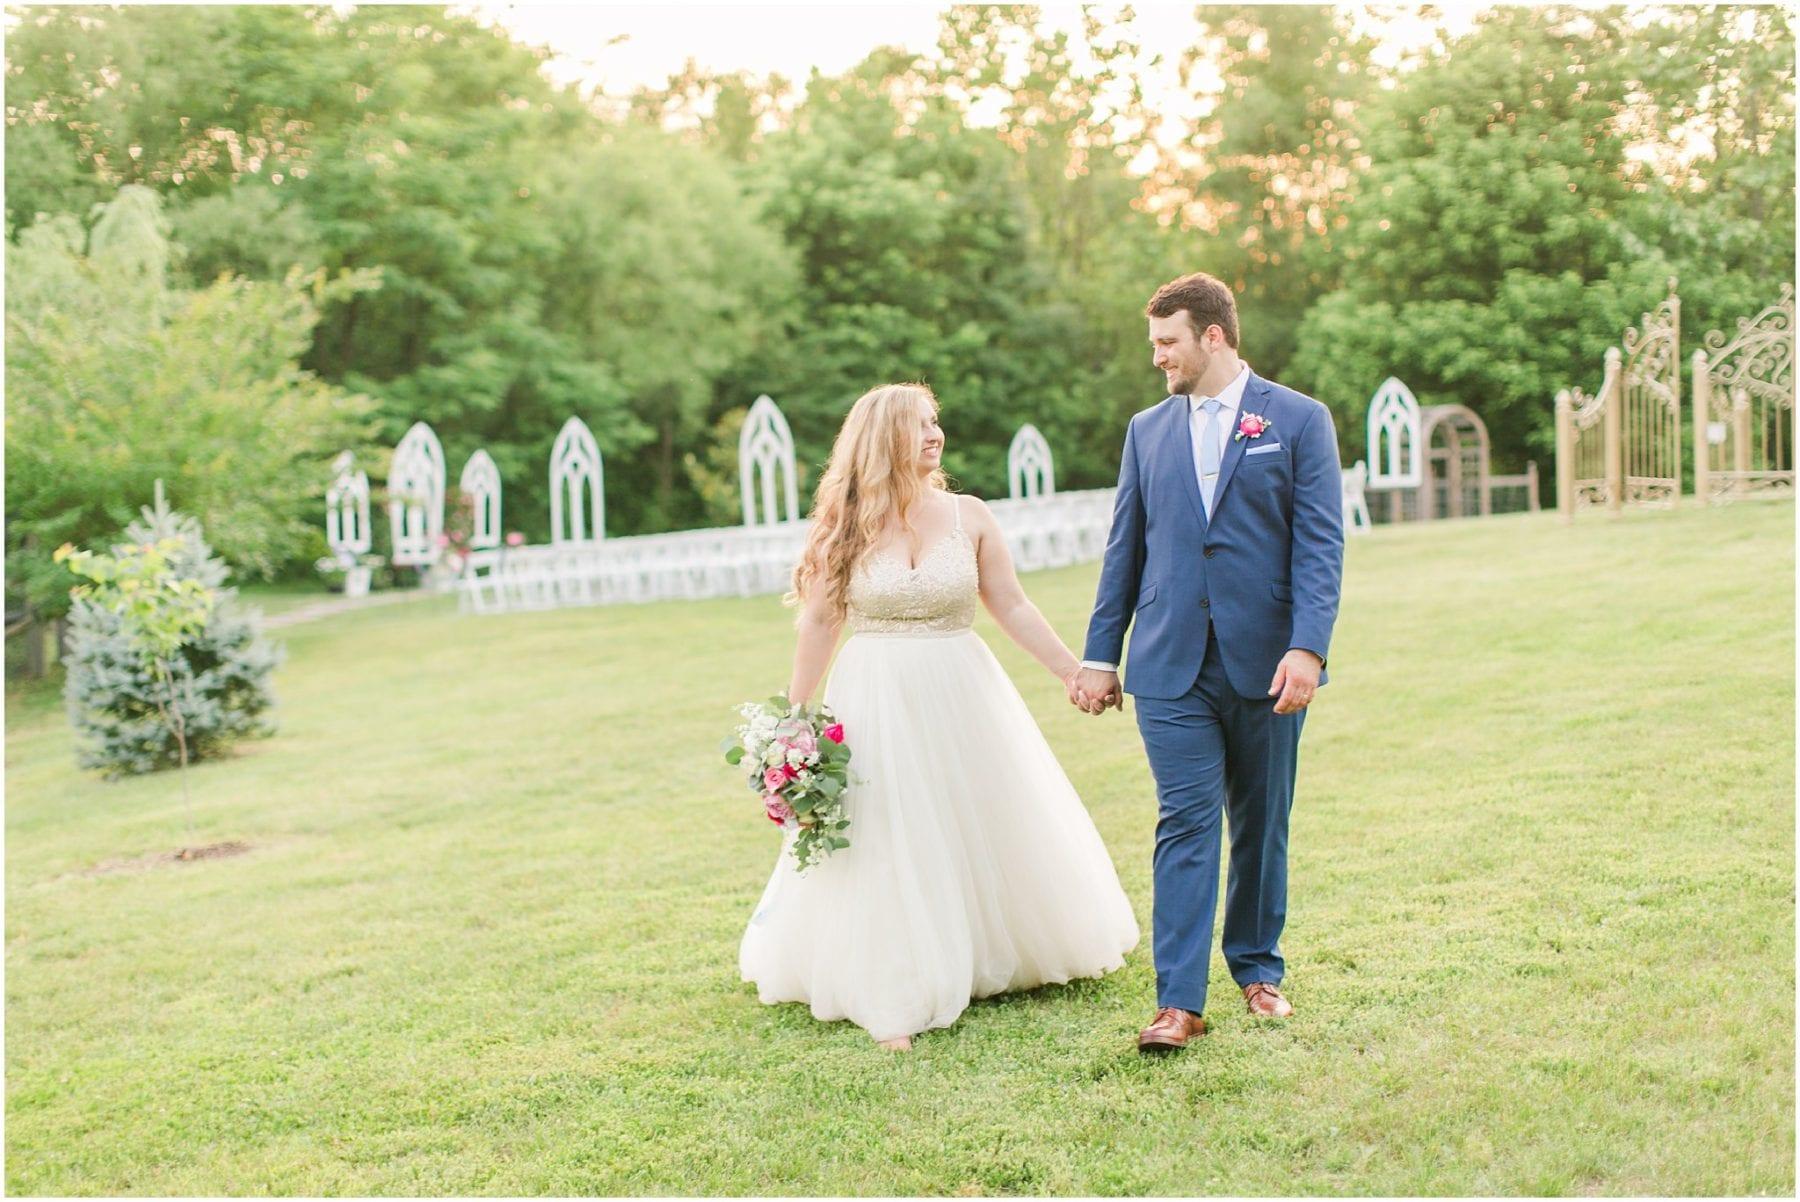 Maryland Backyard Wedding Photos Kelly & Zach Megan Kelsey Photography-273.jpg